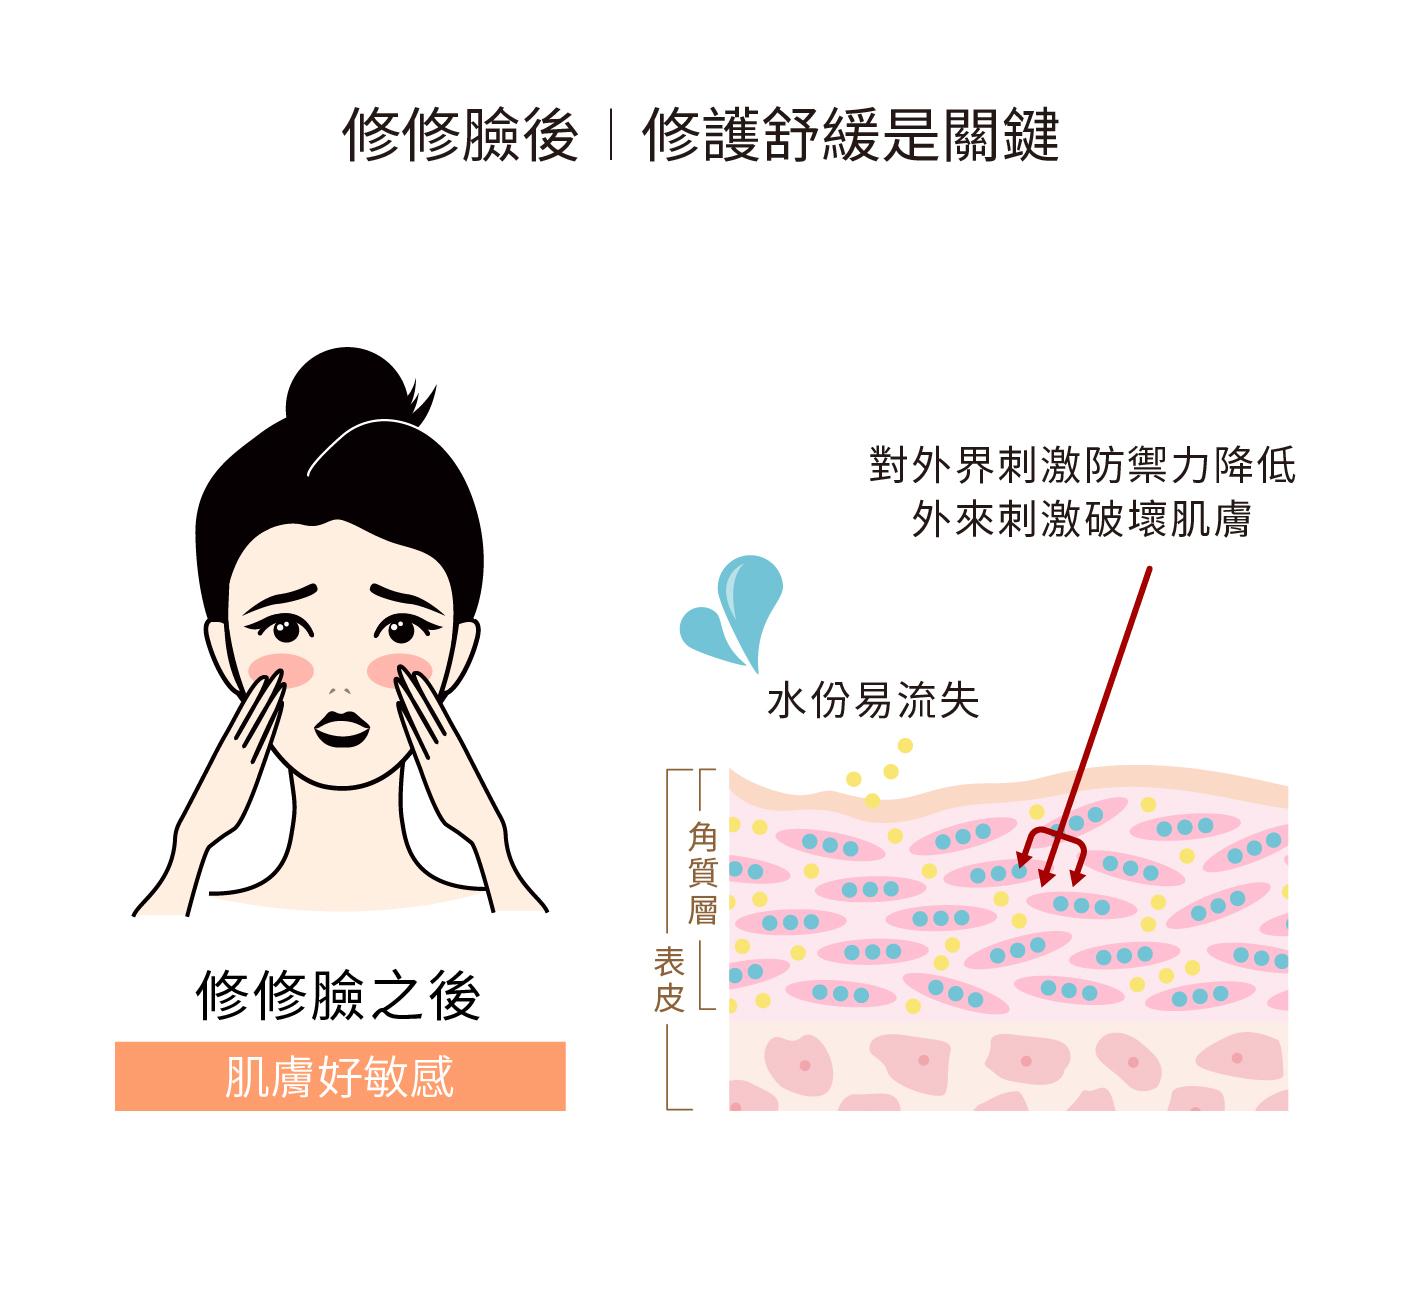 修護舒緩的4點訣竅  終結修修臉後  敏弱肌的惡性循環